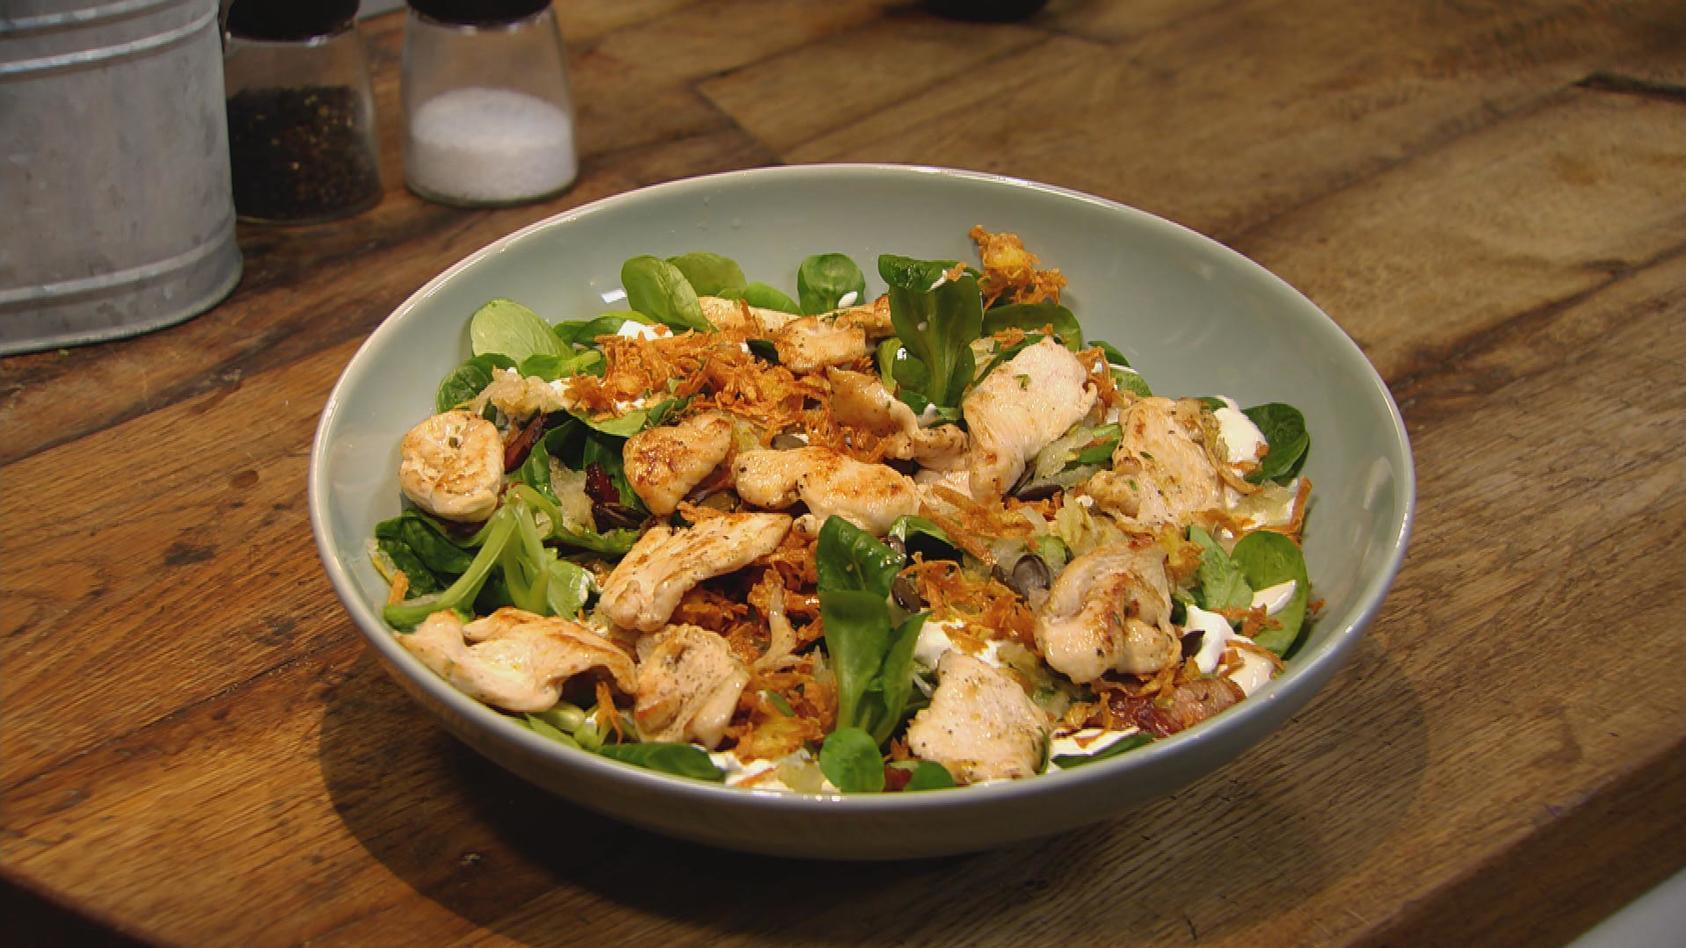 Allererste Sahne – Cremiger geht´s nicht: Salat mit Saurer Sahne und Hähnchenbruststreifen